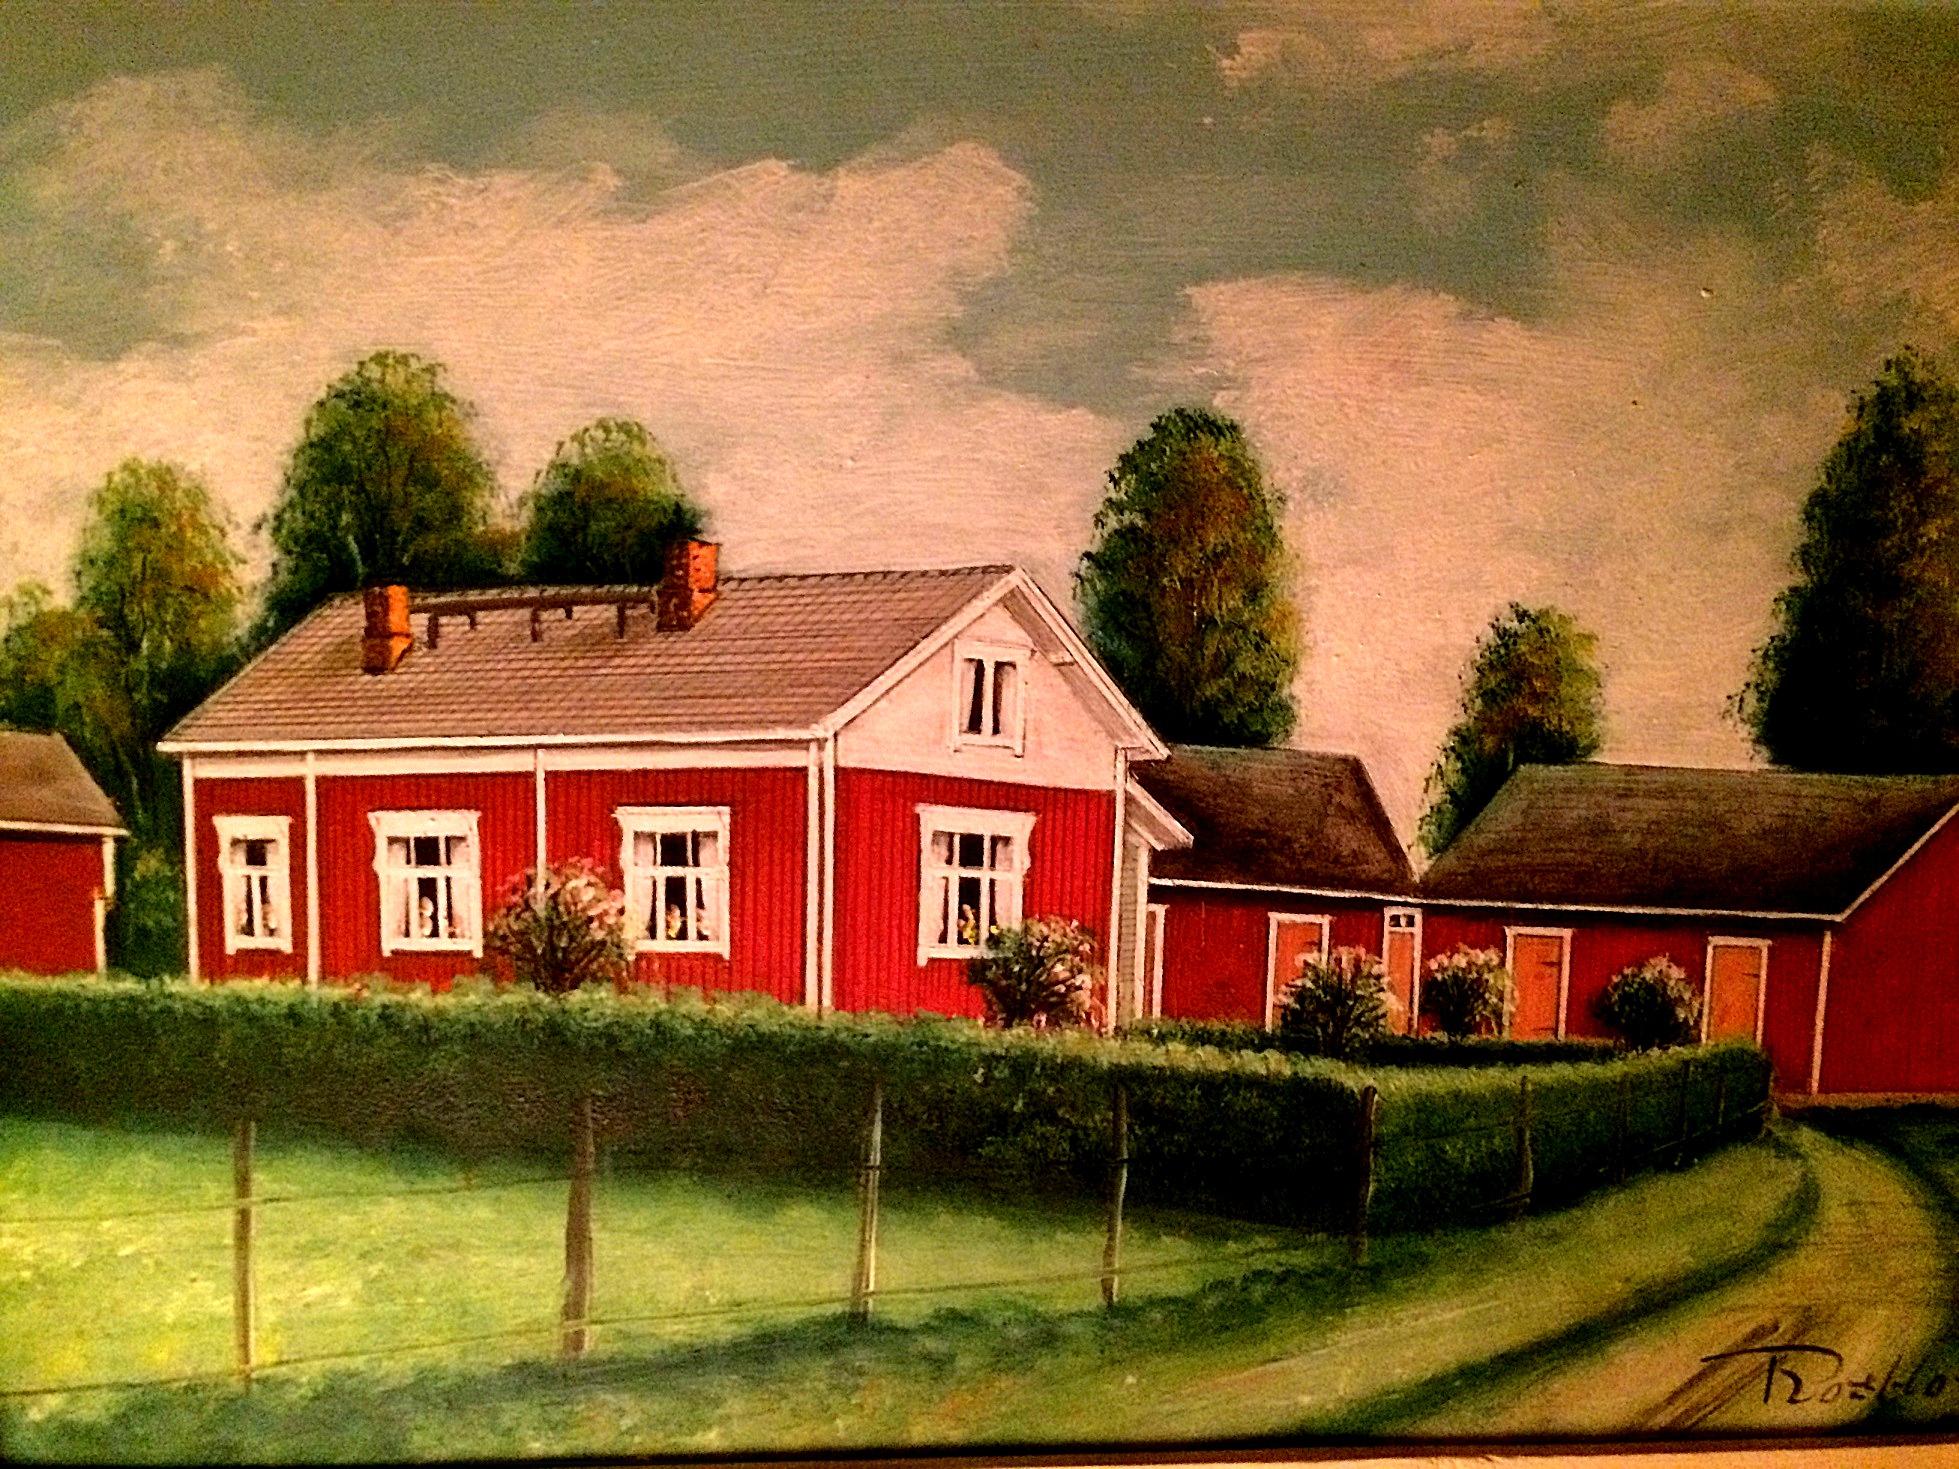 Så här såg Ahlbergs gård ut enligt konstnären Rosblom.